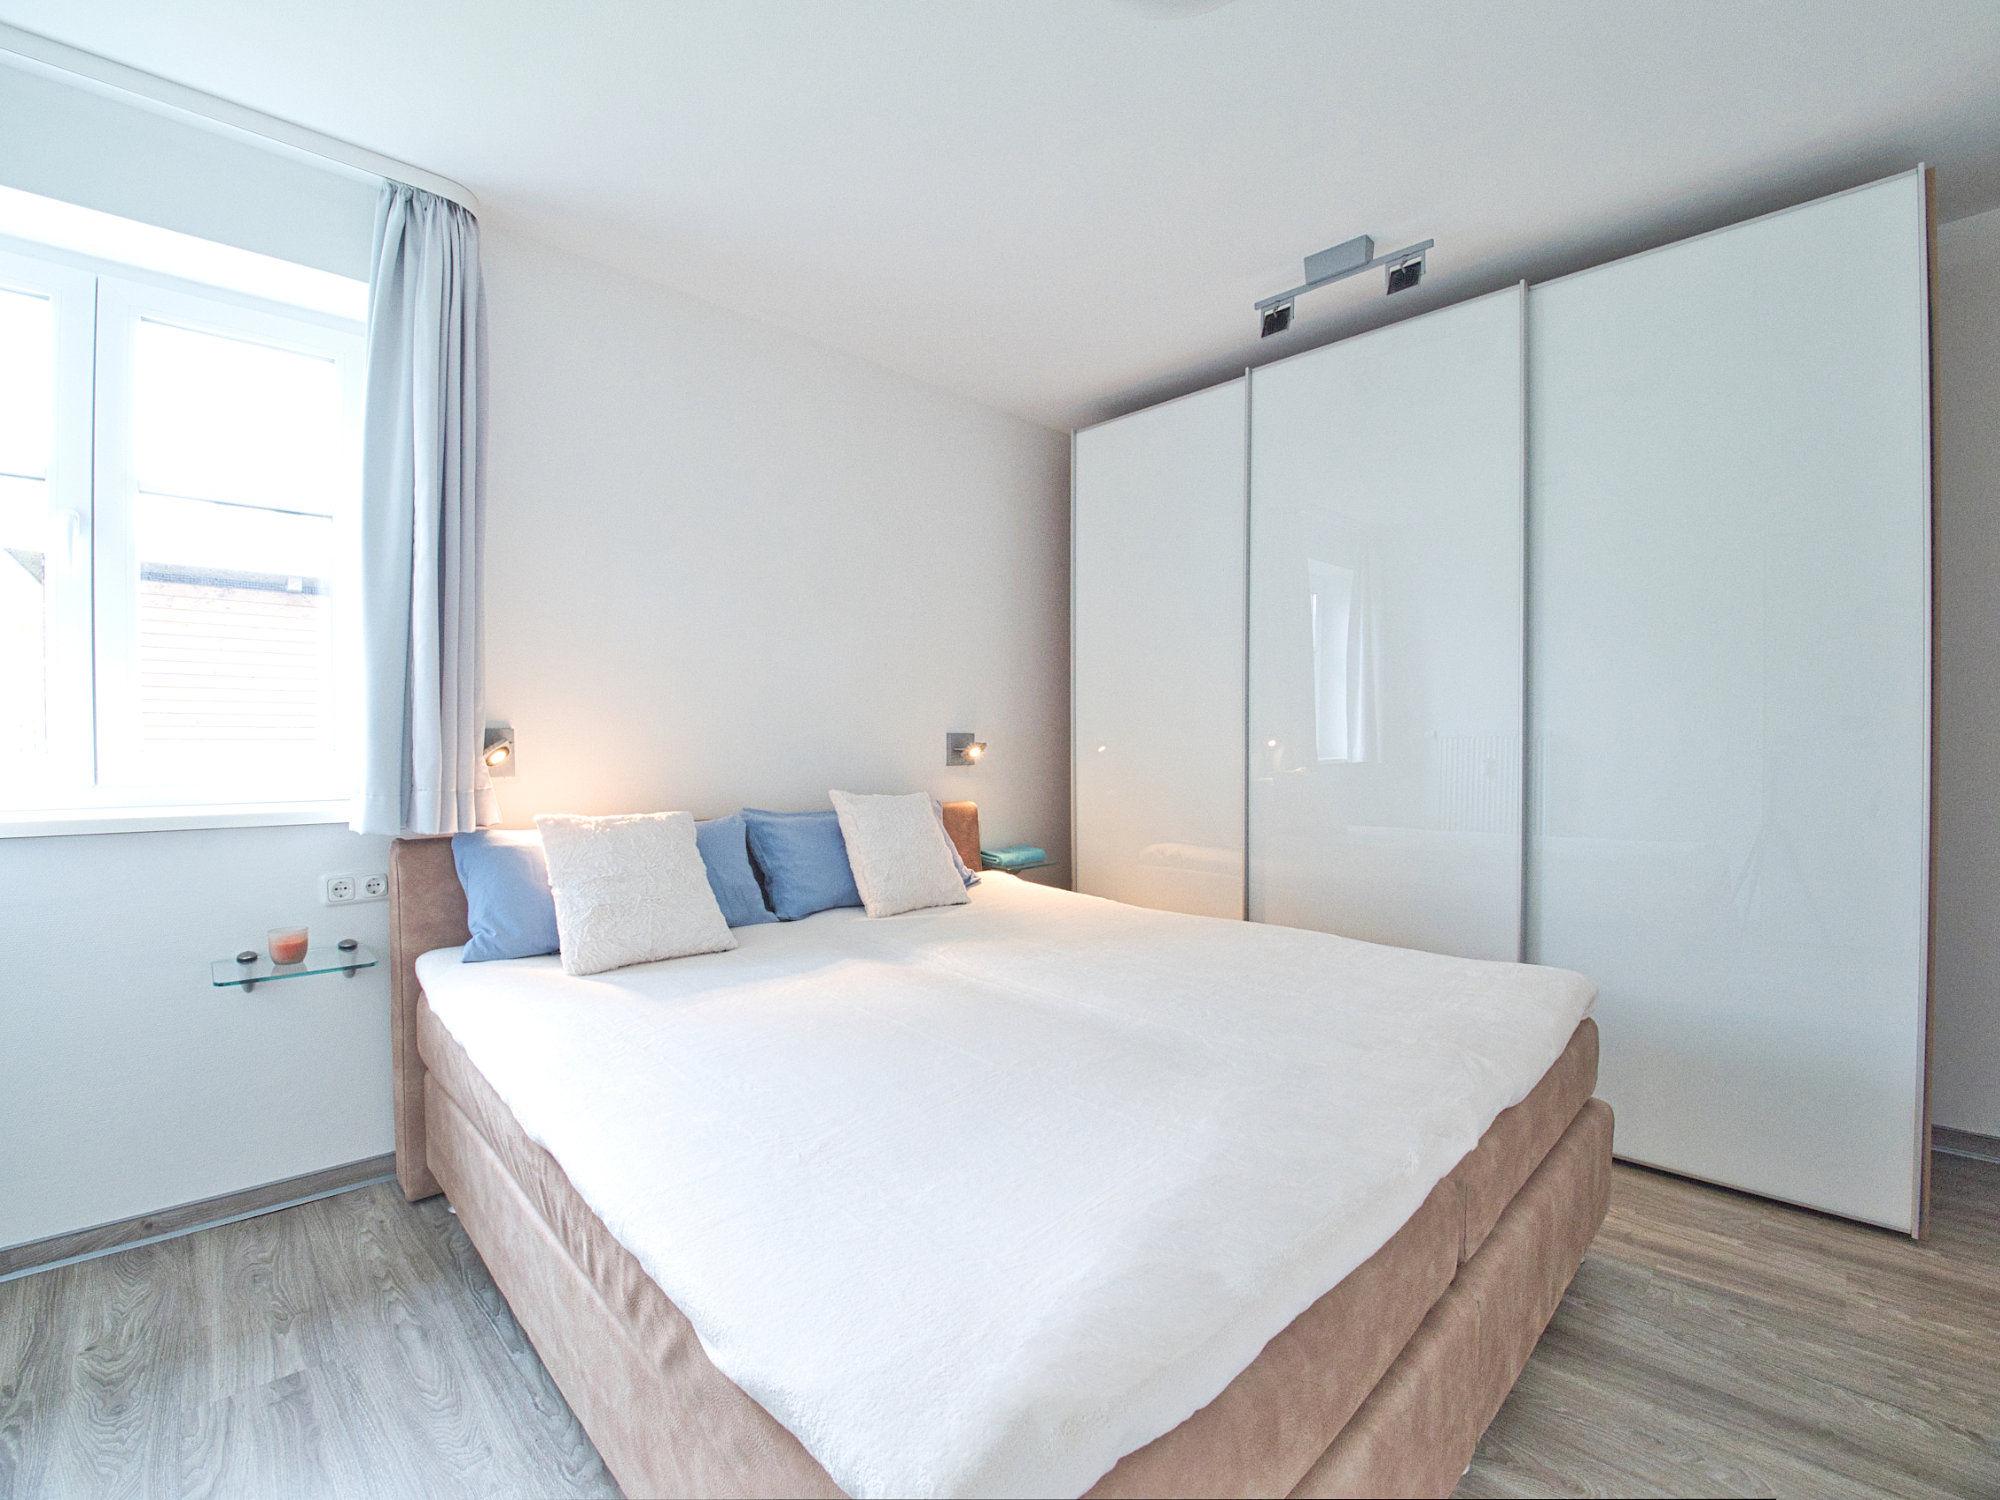 Schlafzimmer mit Doppelbett,   Kleiderschrank und Fenster